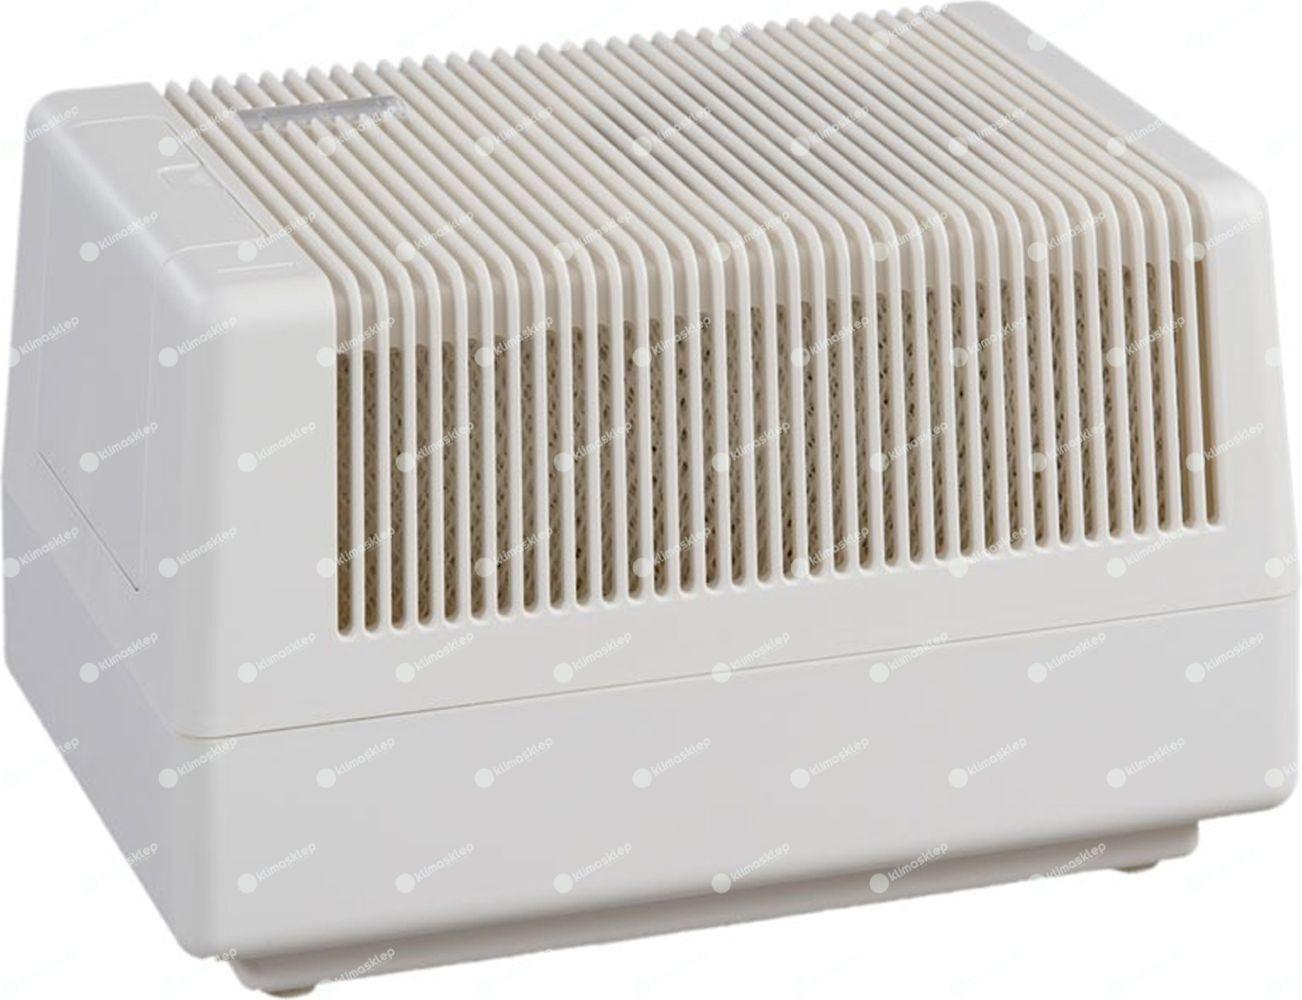 Nawilżacz powietrza Brune B 125